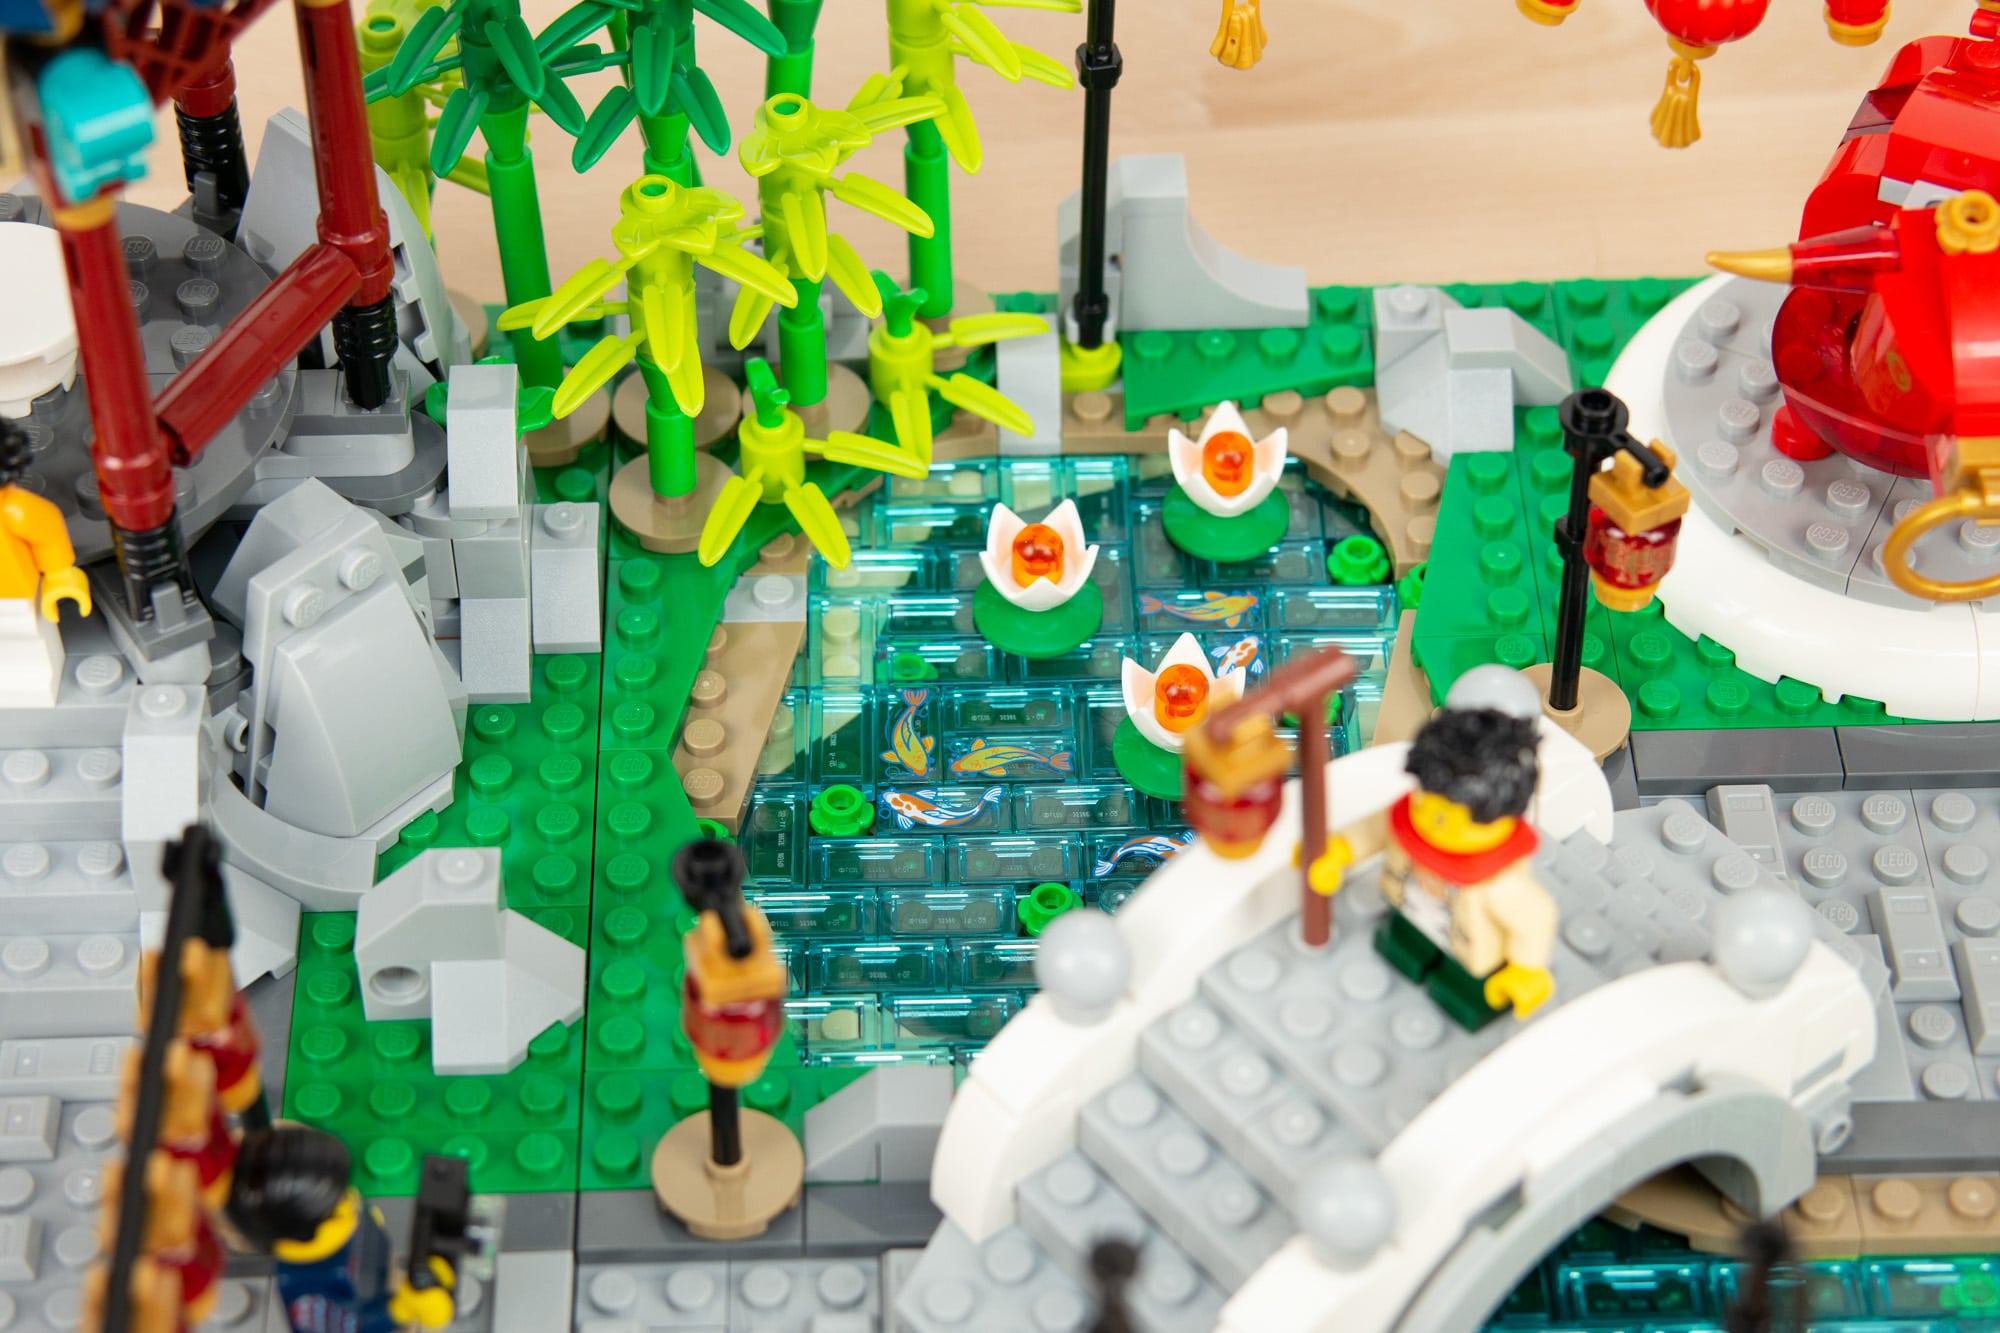 LEGO 80107 Fruehlingslaternenfest Chinesisches Neujahr 74